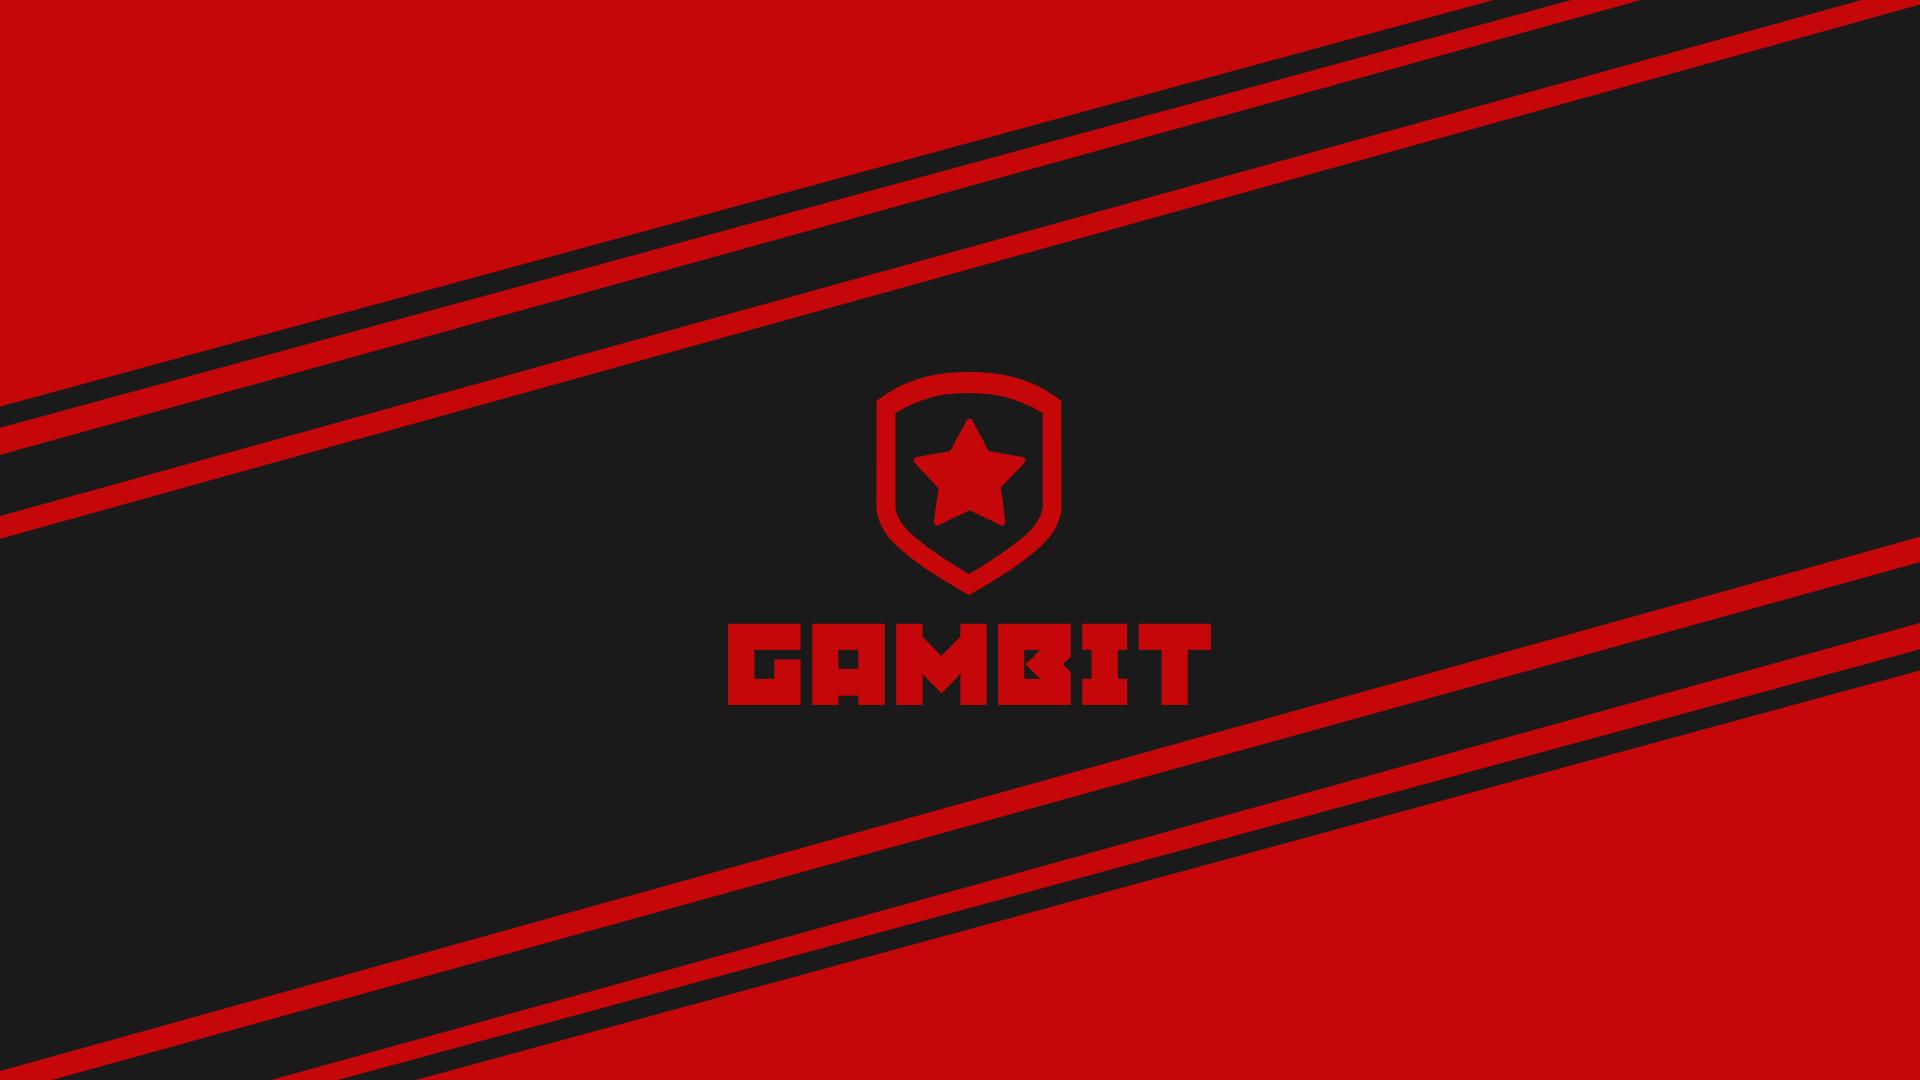 Gambit Gaming Wallpapers